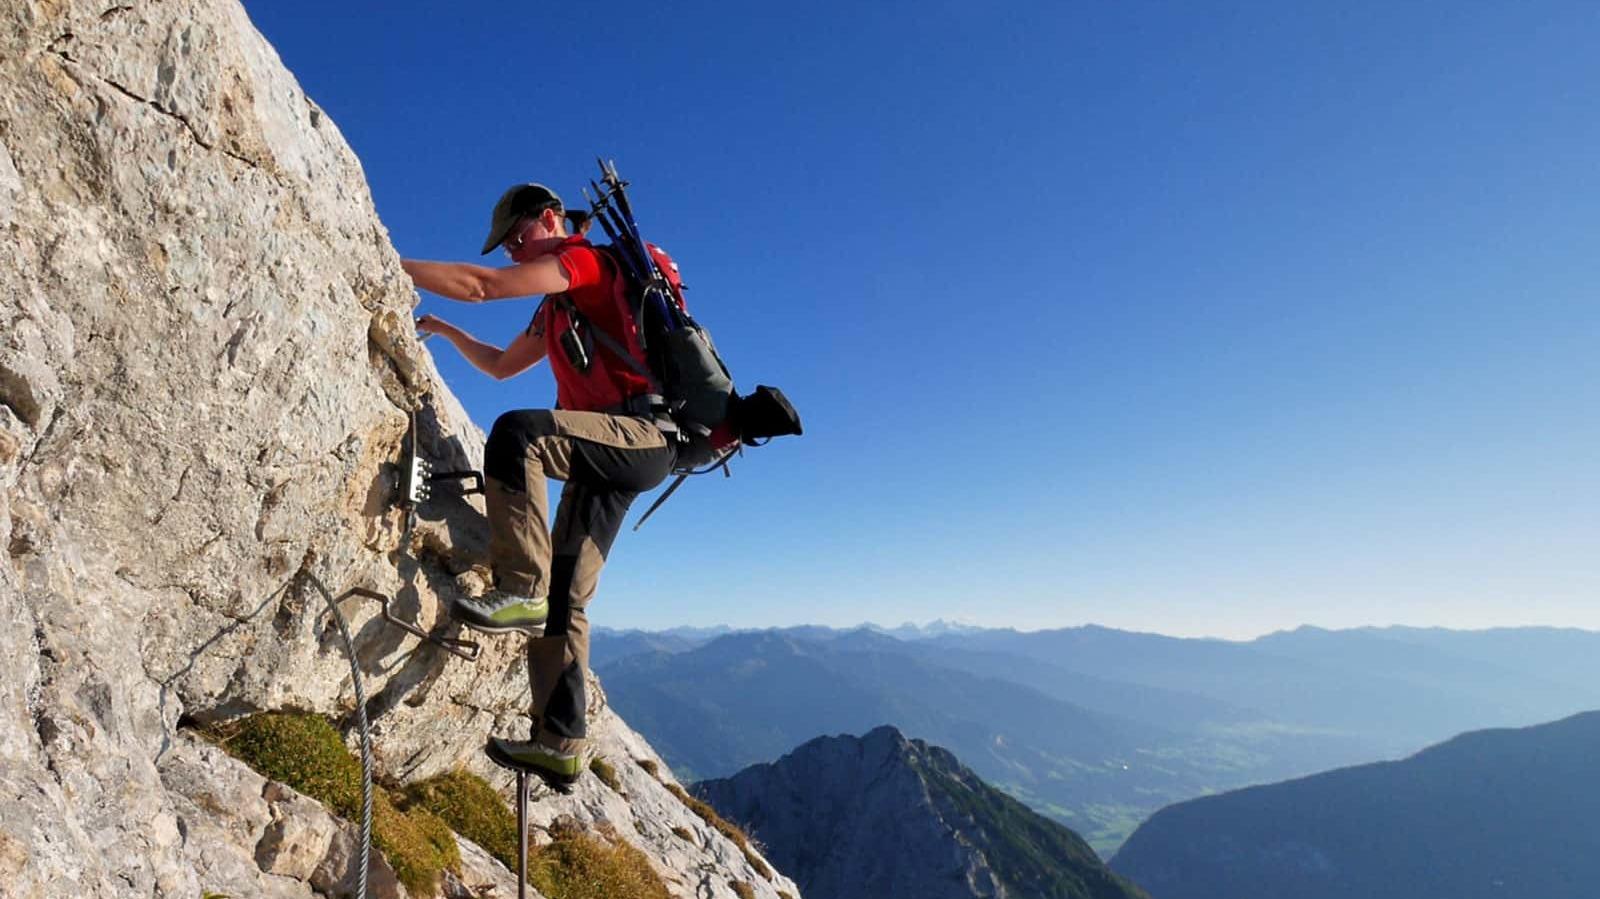 Klettersteig Achensee : Klettersteige im karwendel startpunkt achensee